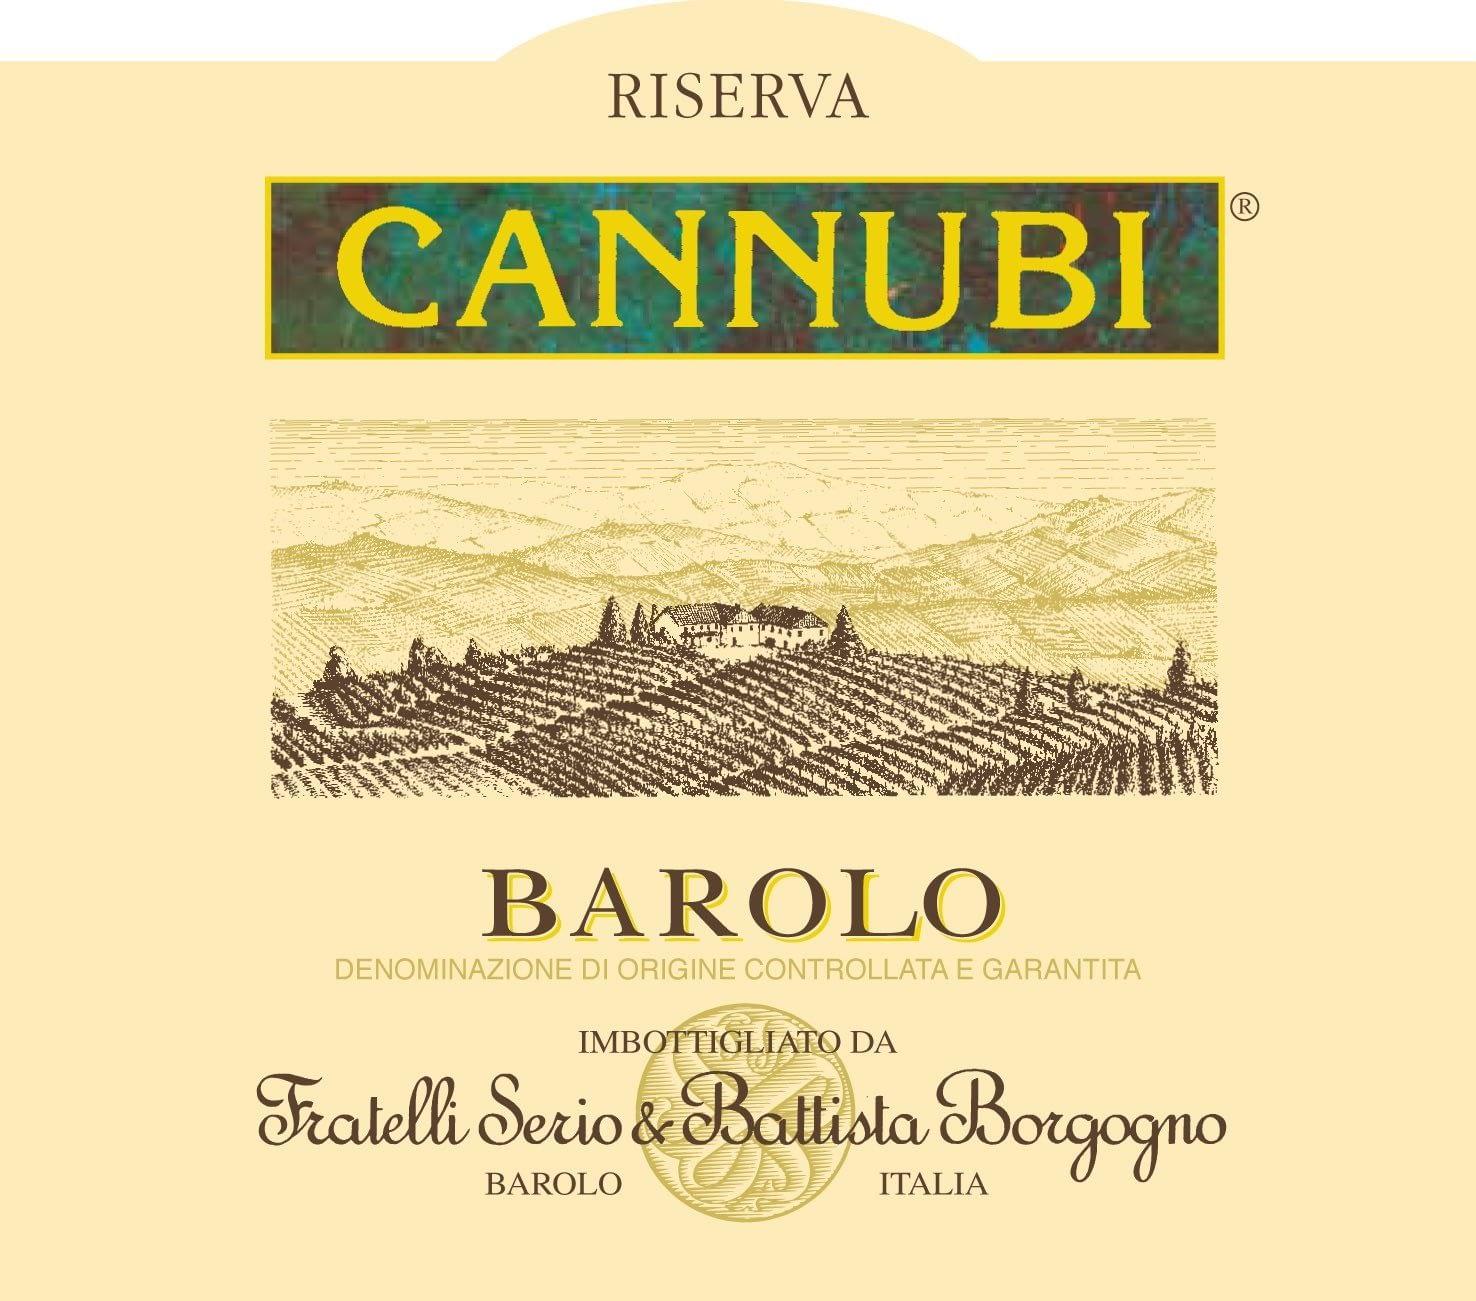 Battista Borgogno Barolo Cannubi Riserva Magnum 2009